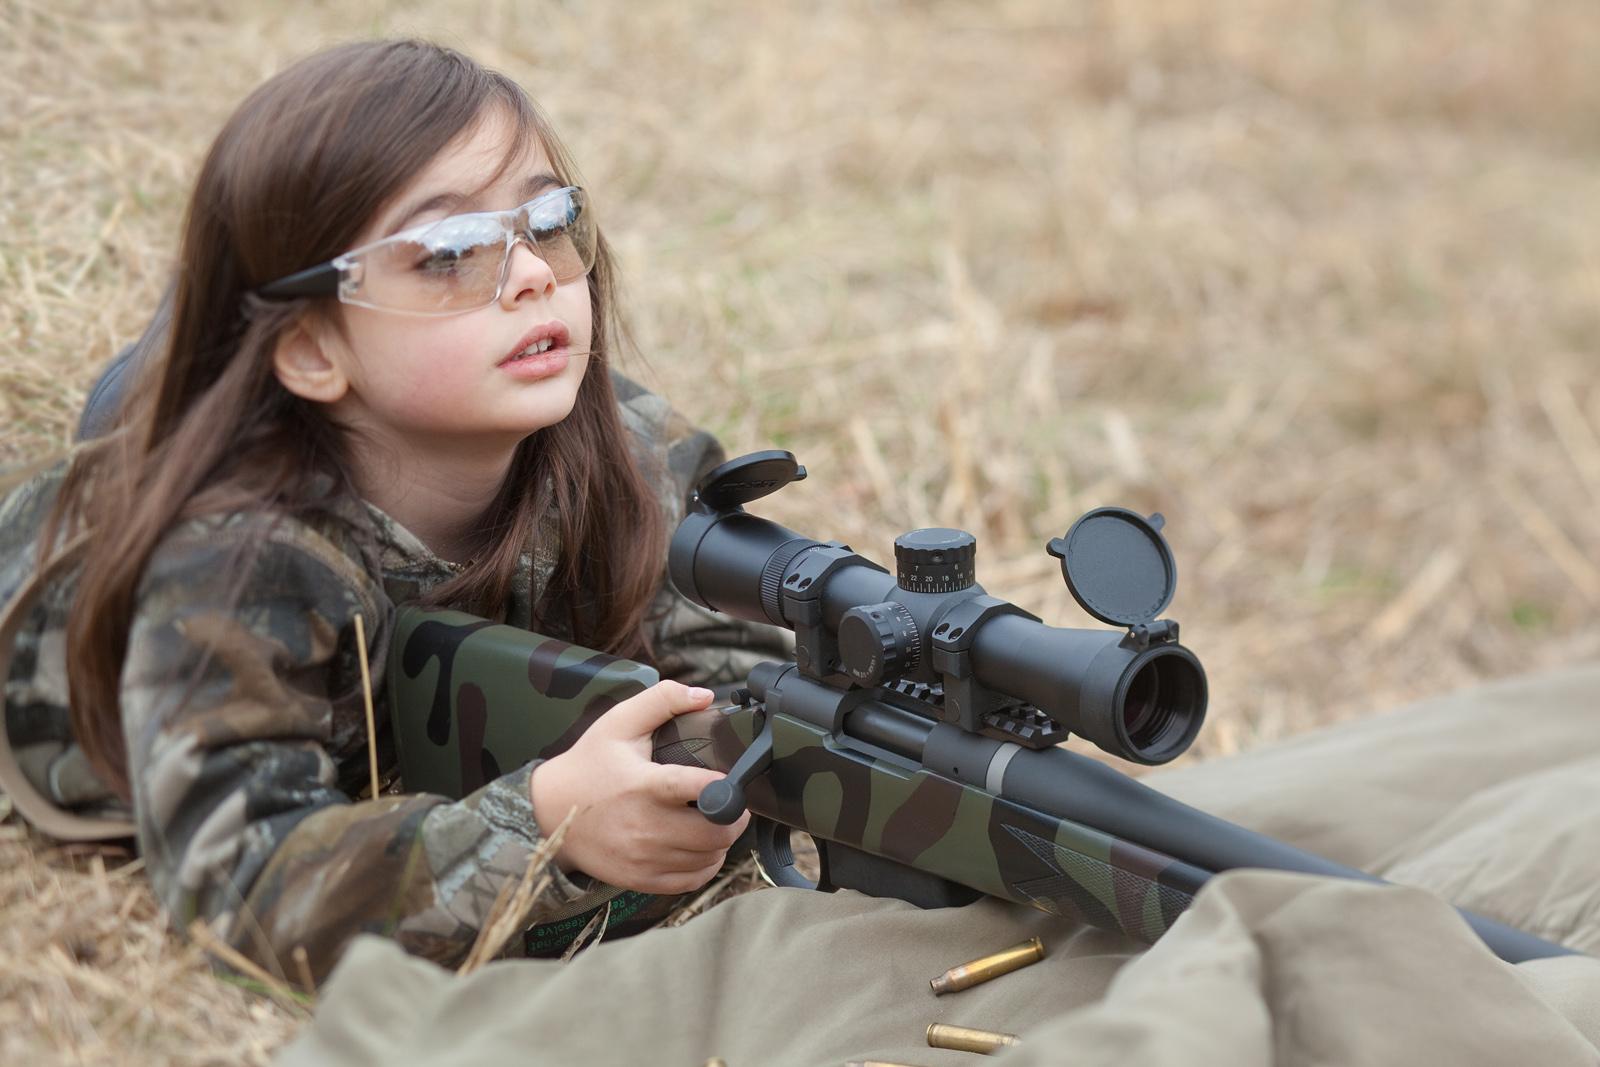 Foto Anak Anak Lagi Pegang Senjata DUNIA CORAT CORET